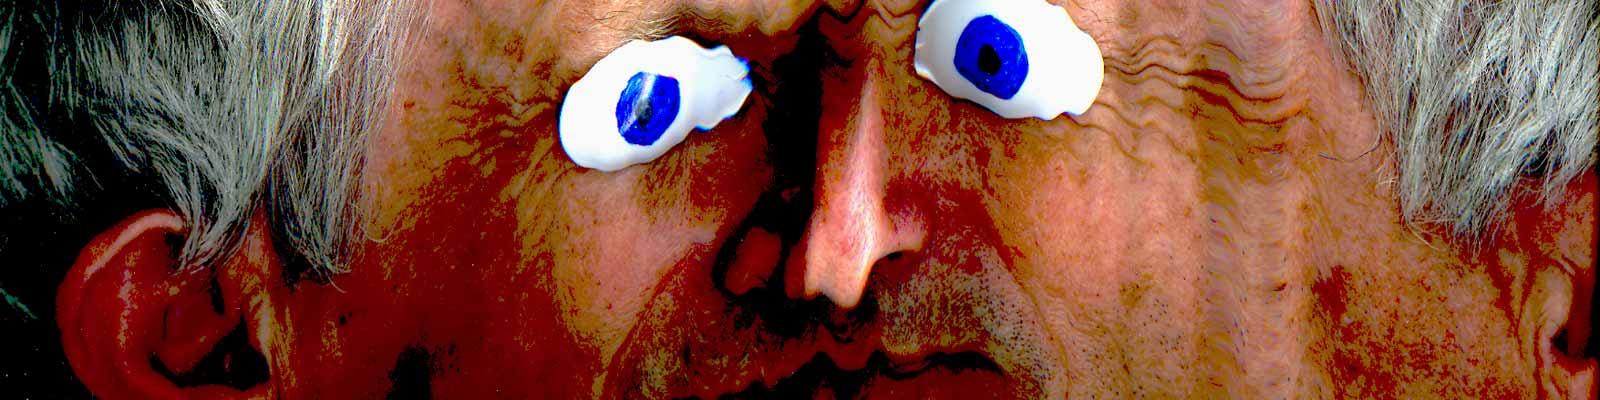 Autoportrait aux yeux bleus